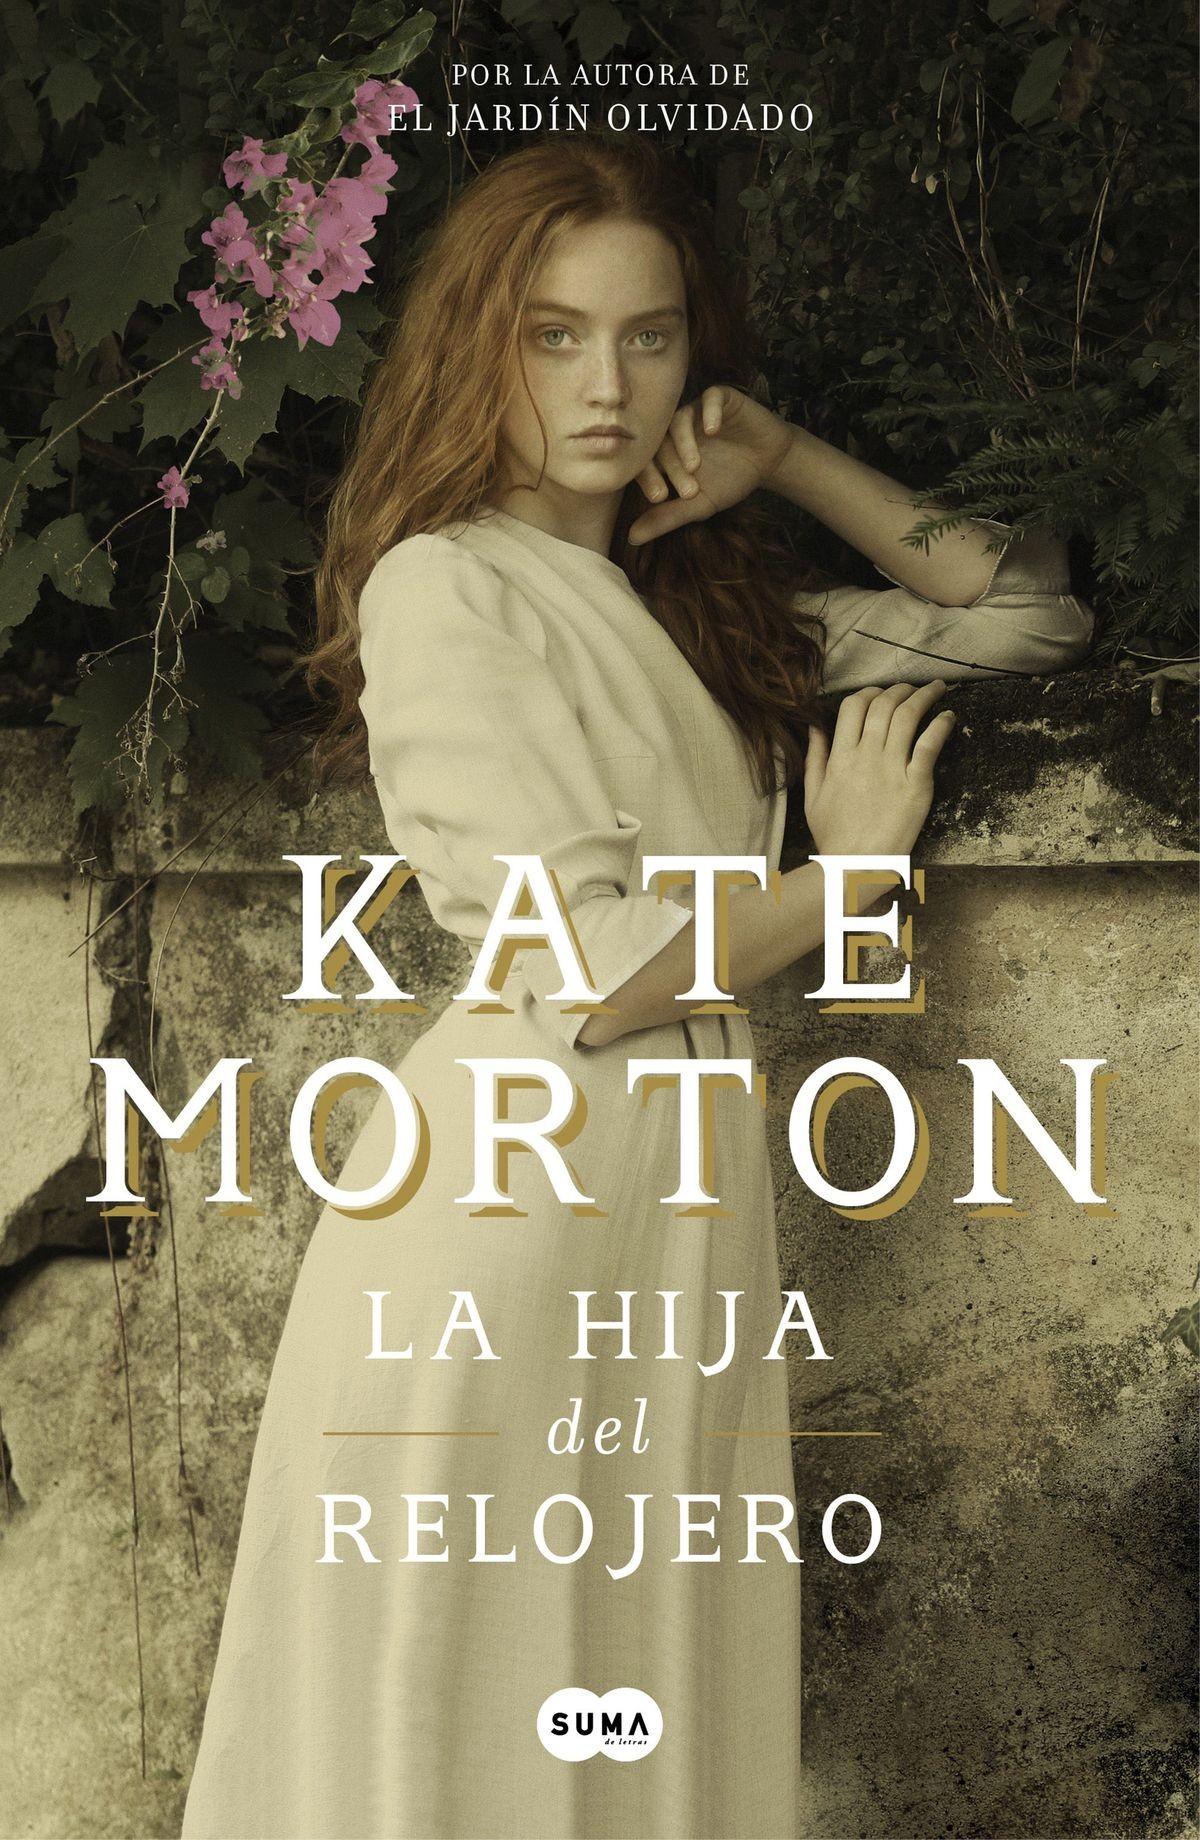 La hija del relojero, de Kate Morton